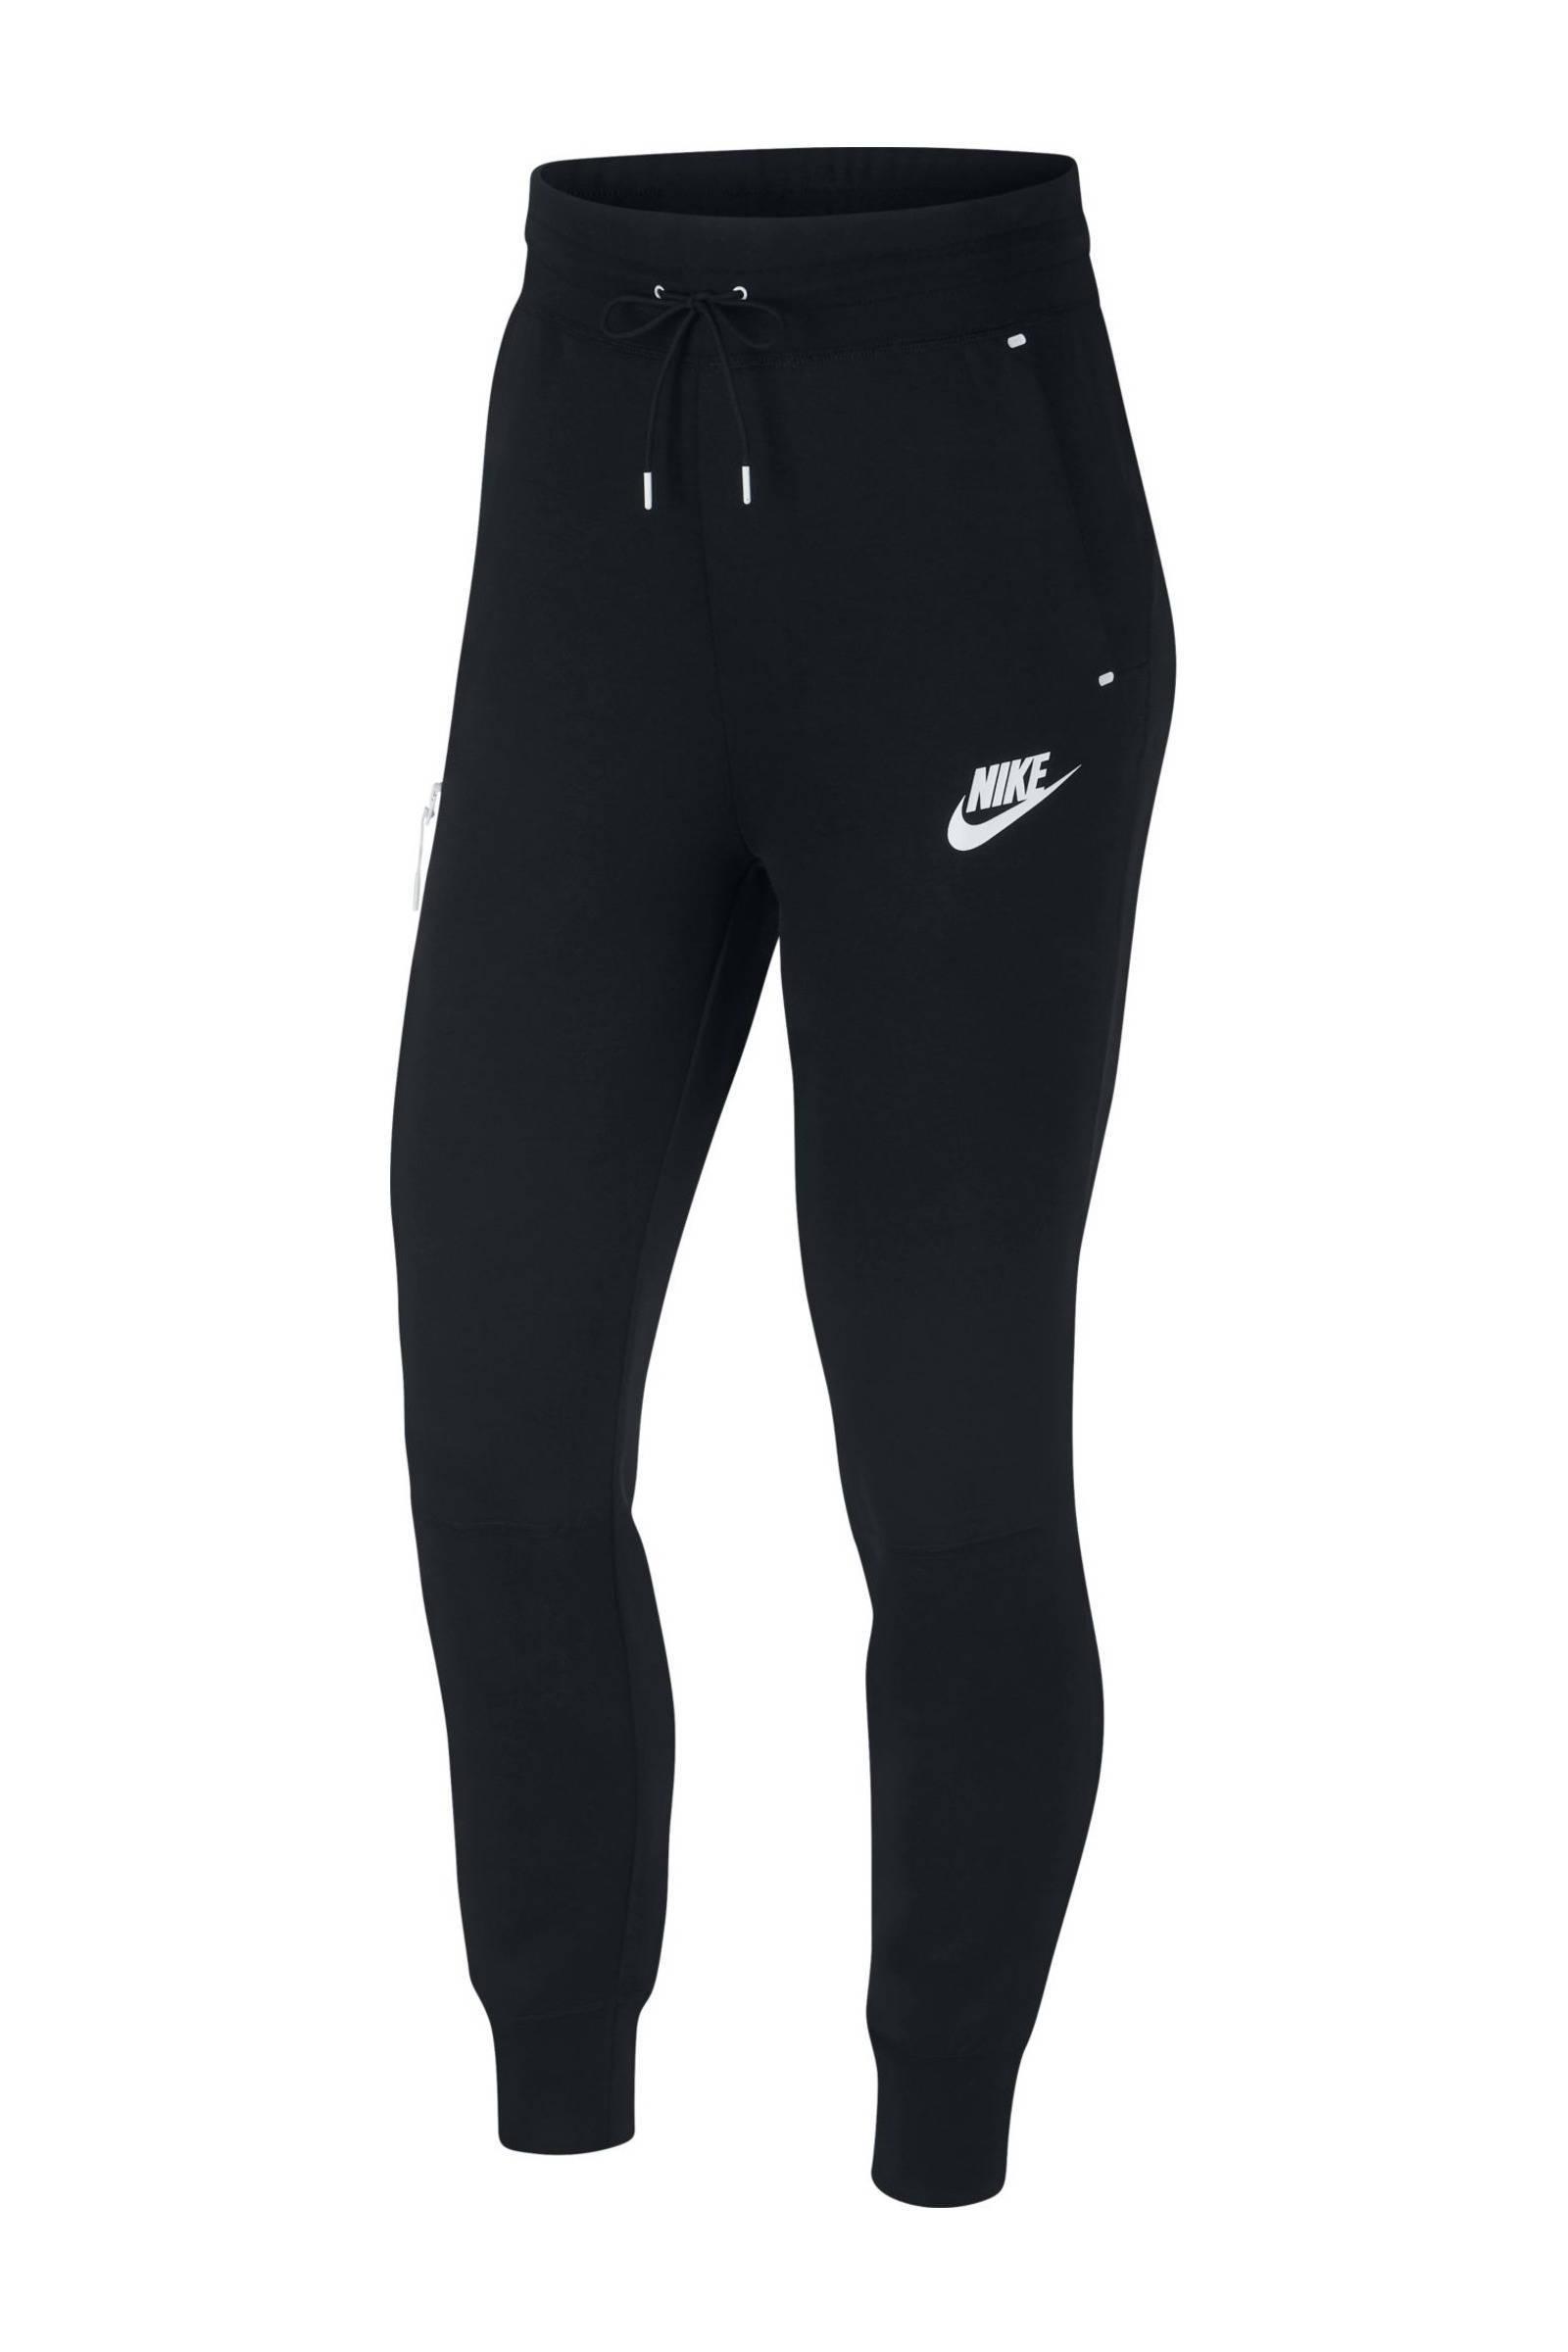 Joggingbroek Zwart.Nike Joggingbroek Zwart Wehkamp